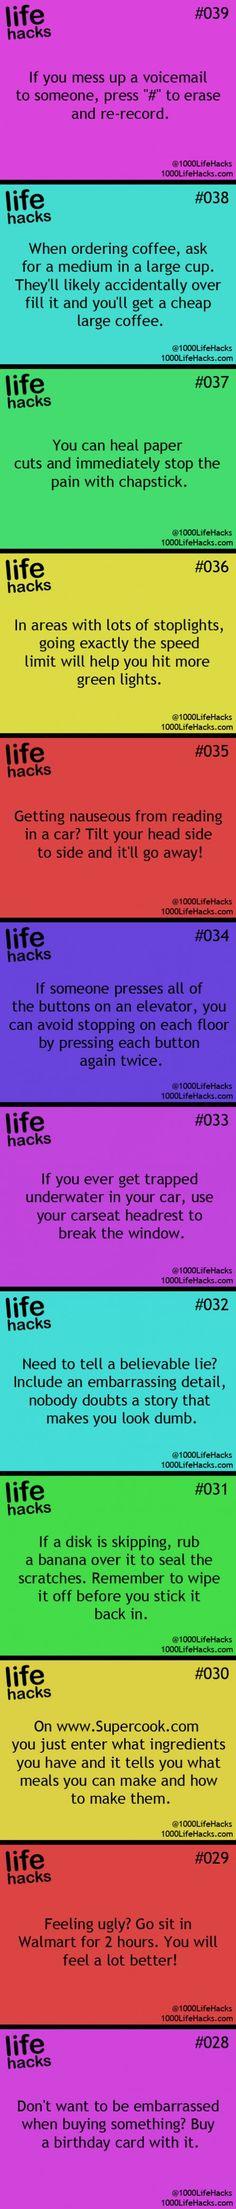 25 Useful Life Hacks | For Shits And Giggles